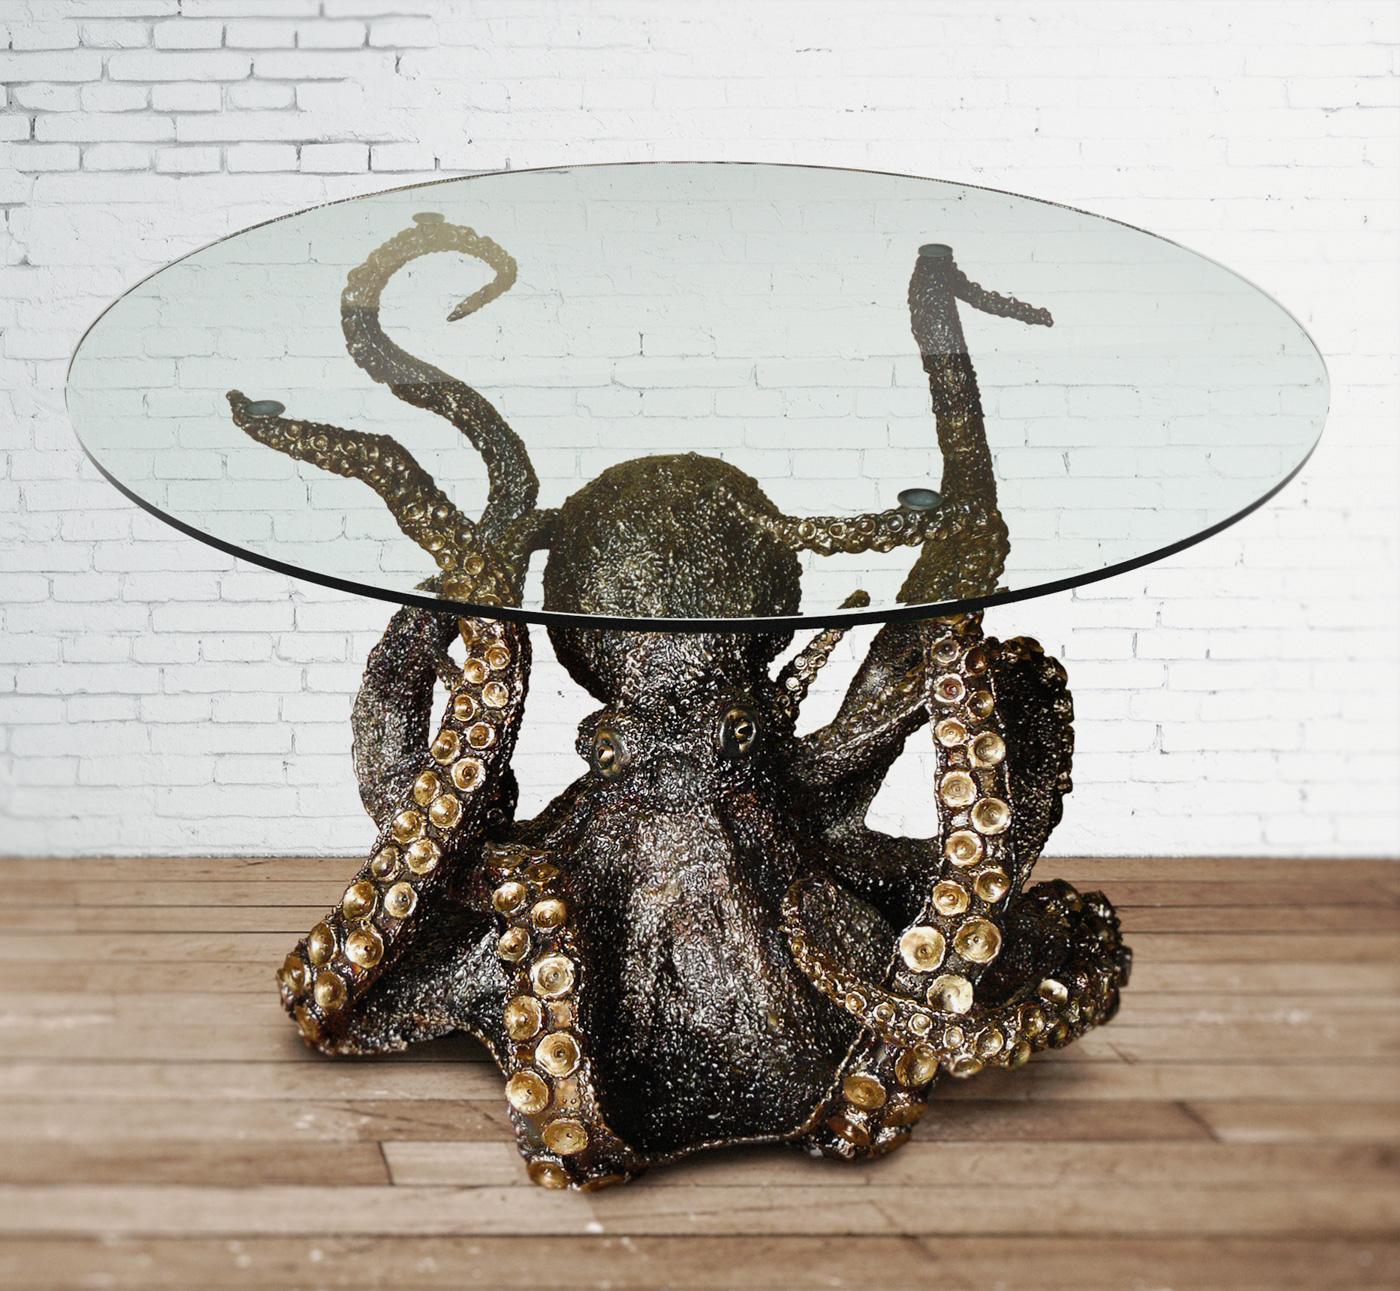 octopus_v2_r1c